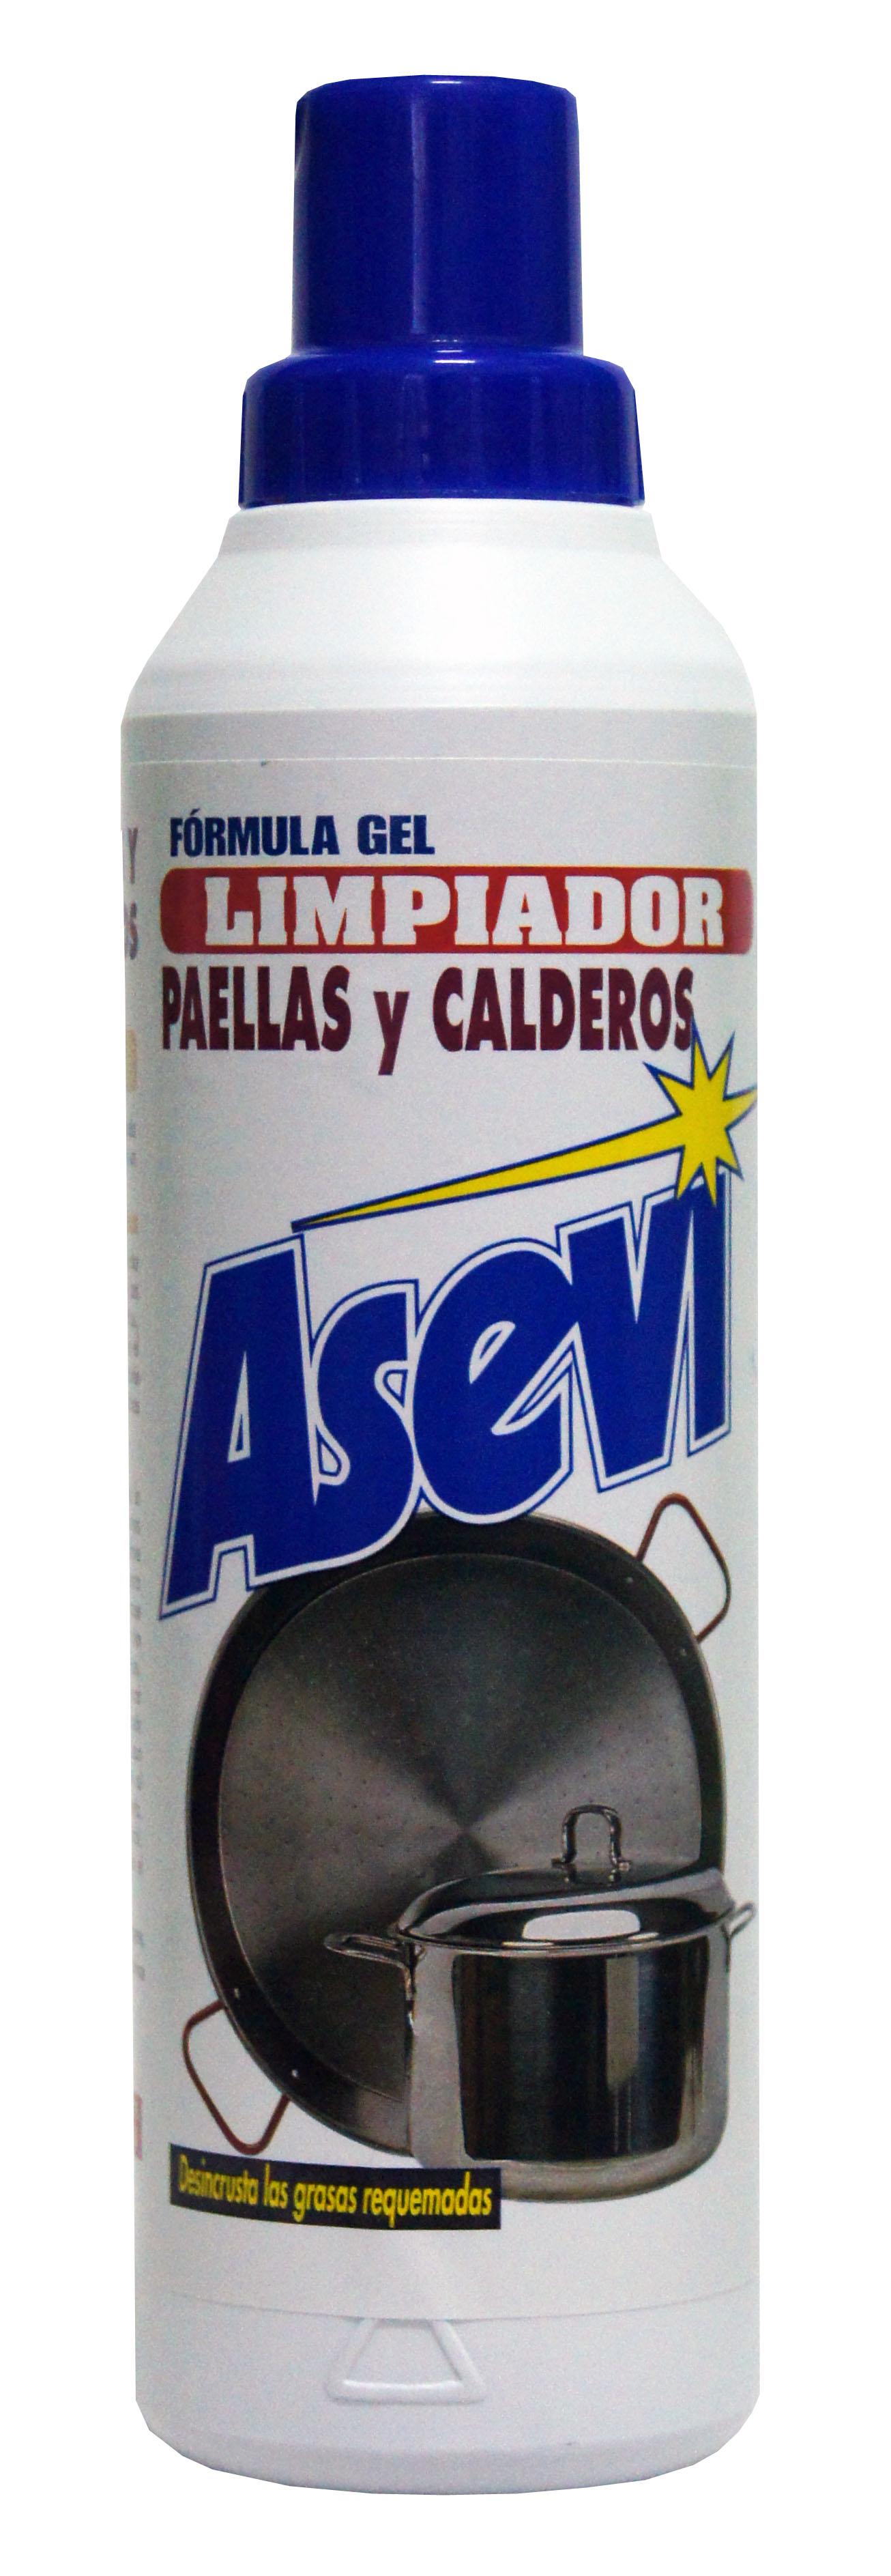 LIMPIADOR PAELLAS Y CALEROS 500 ml.